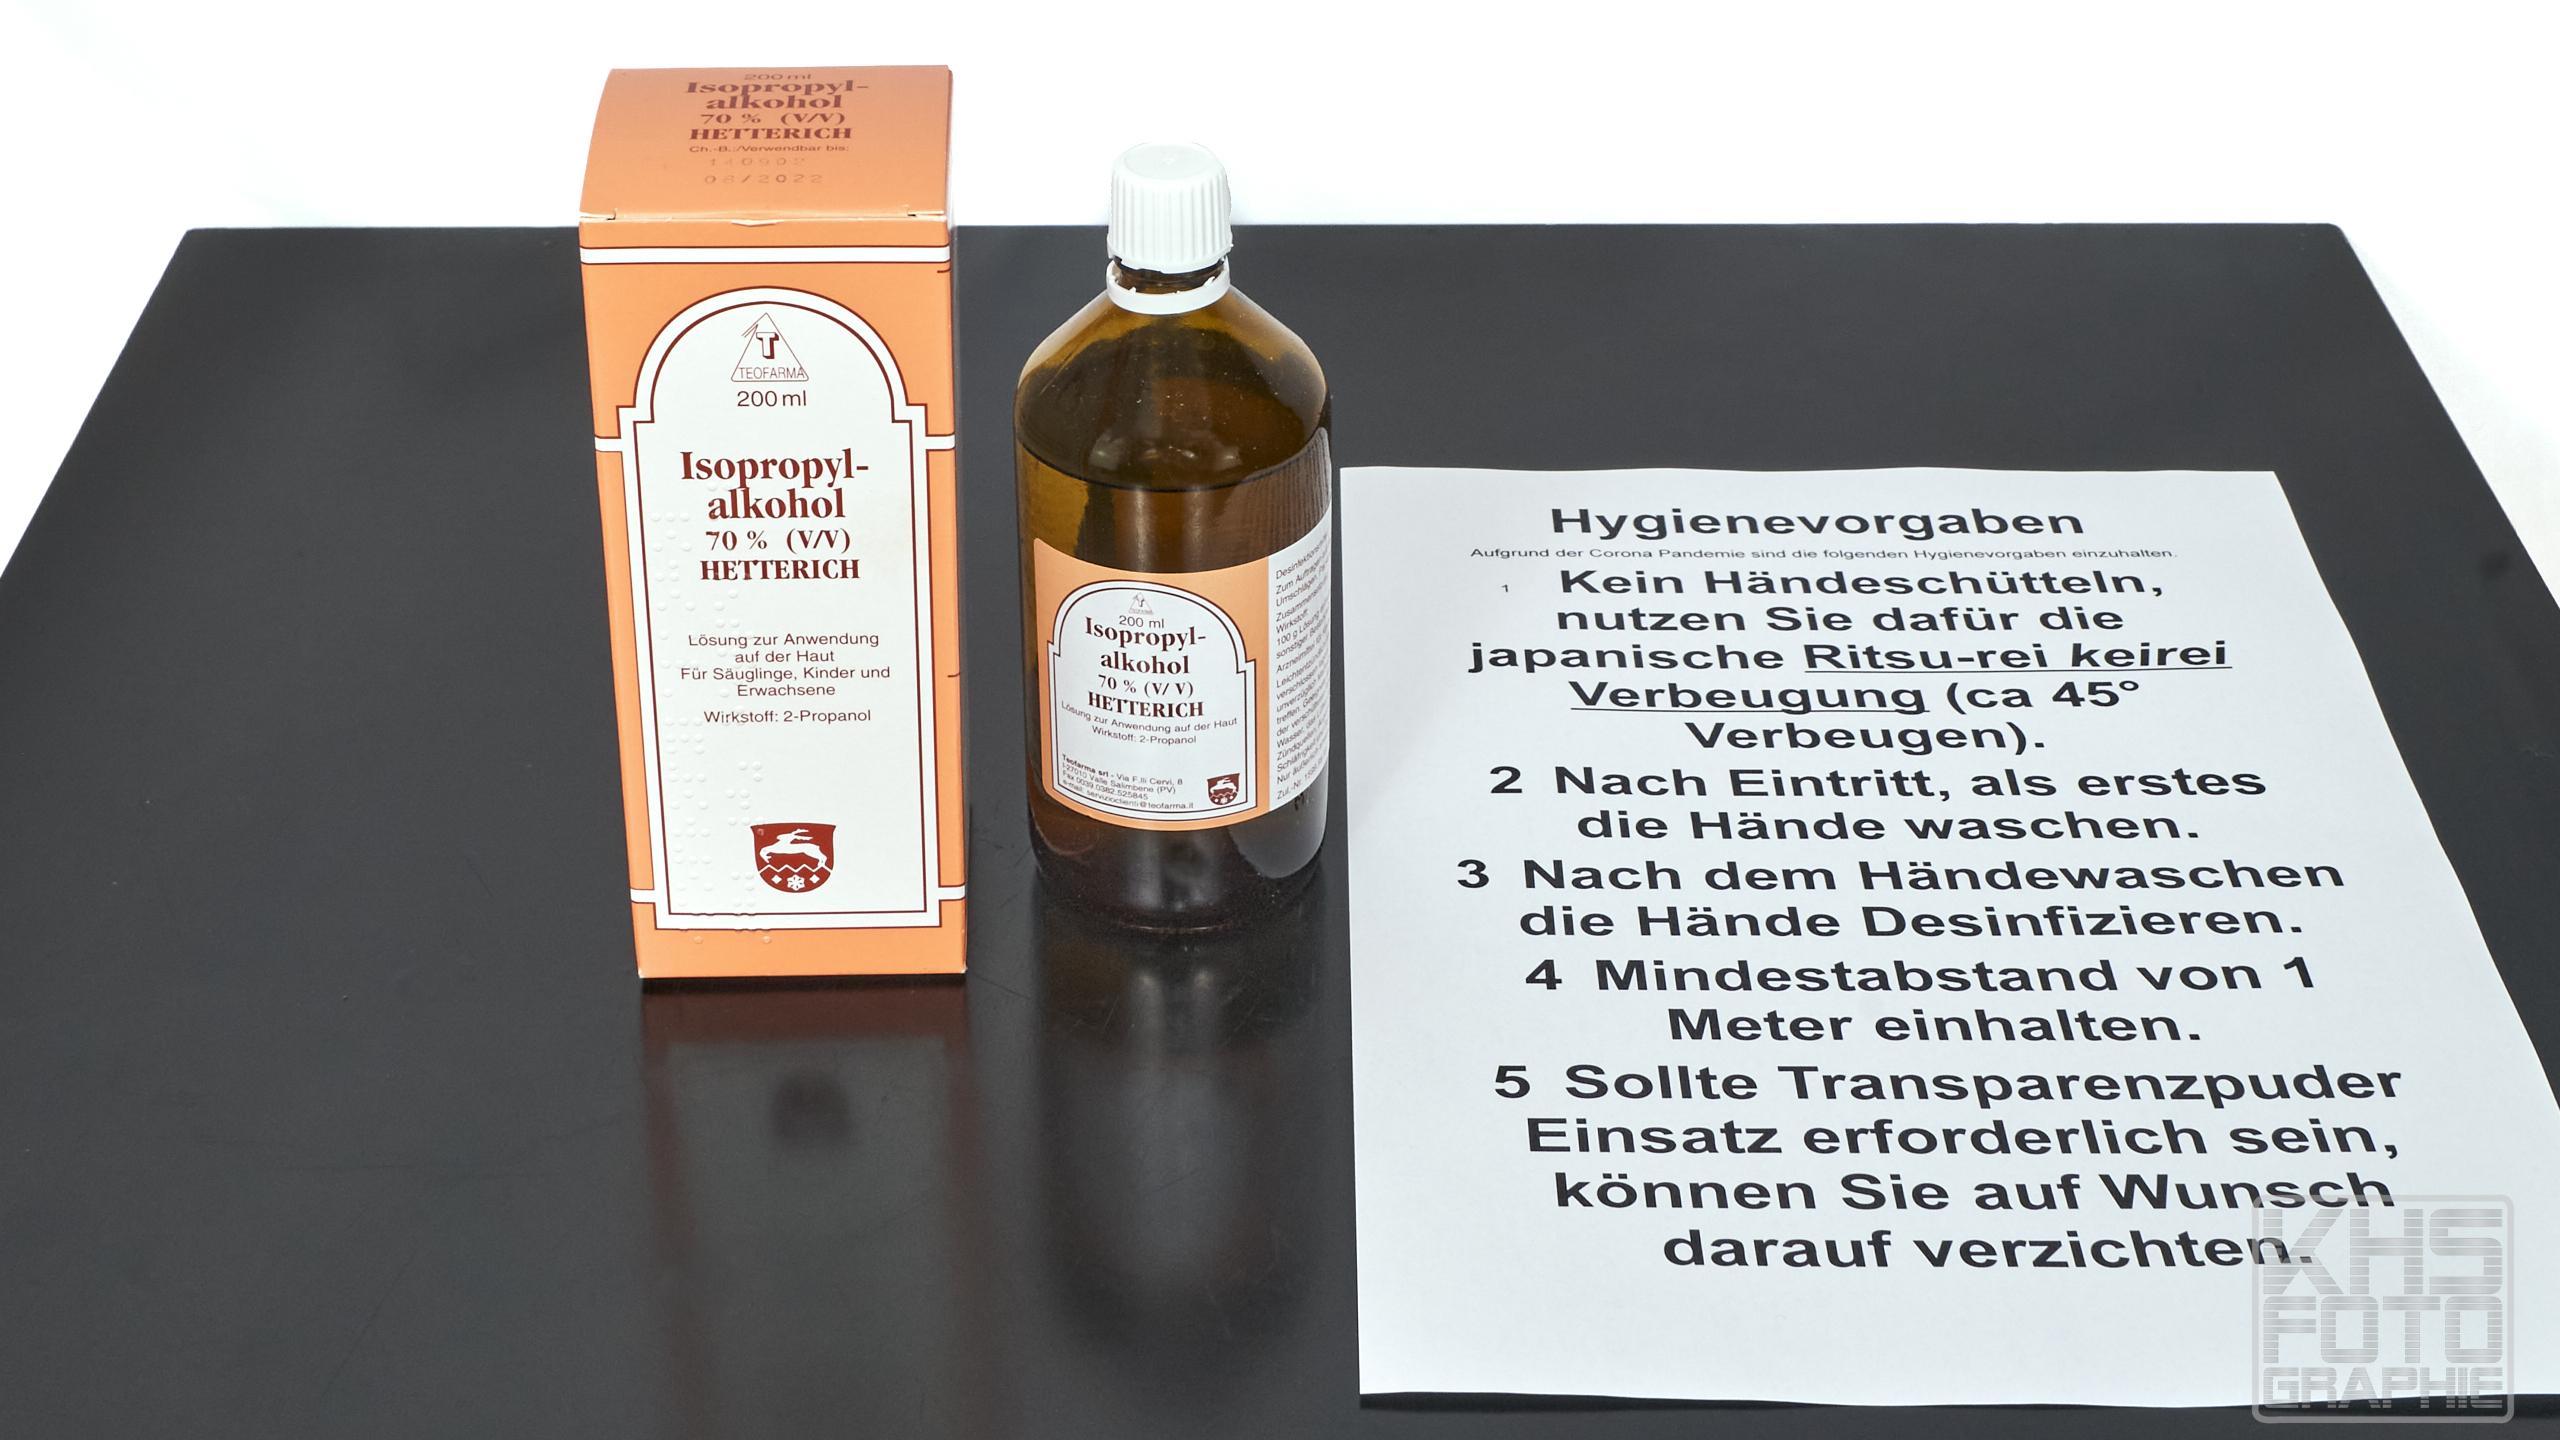 Corona-Pandemie - Hygienevorgaben | © 2020 by Karl - Heinz Schultze (KHSFotographie)